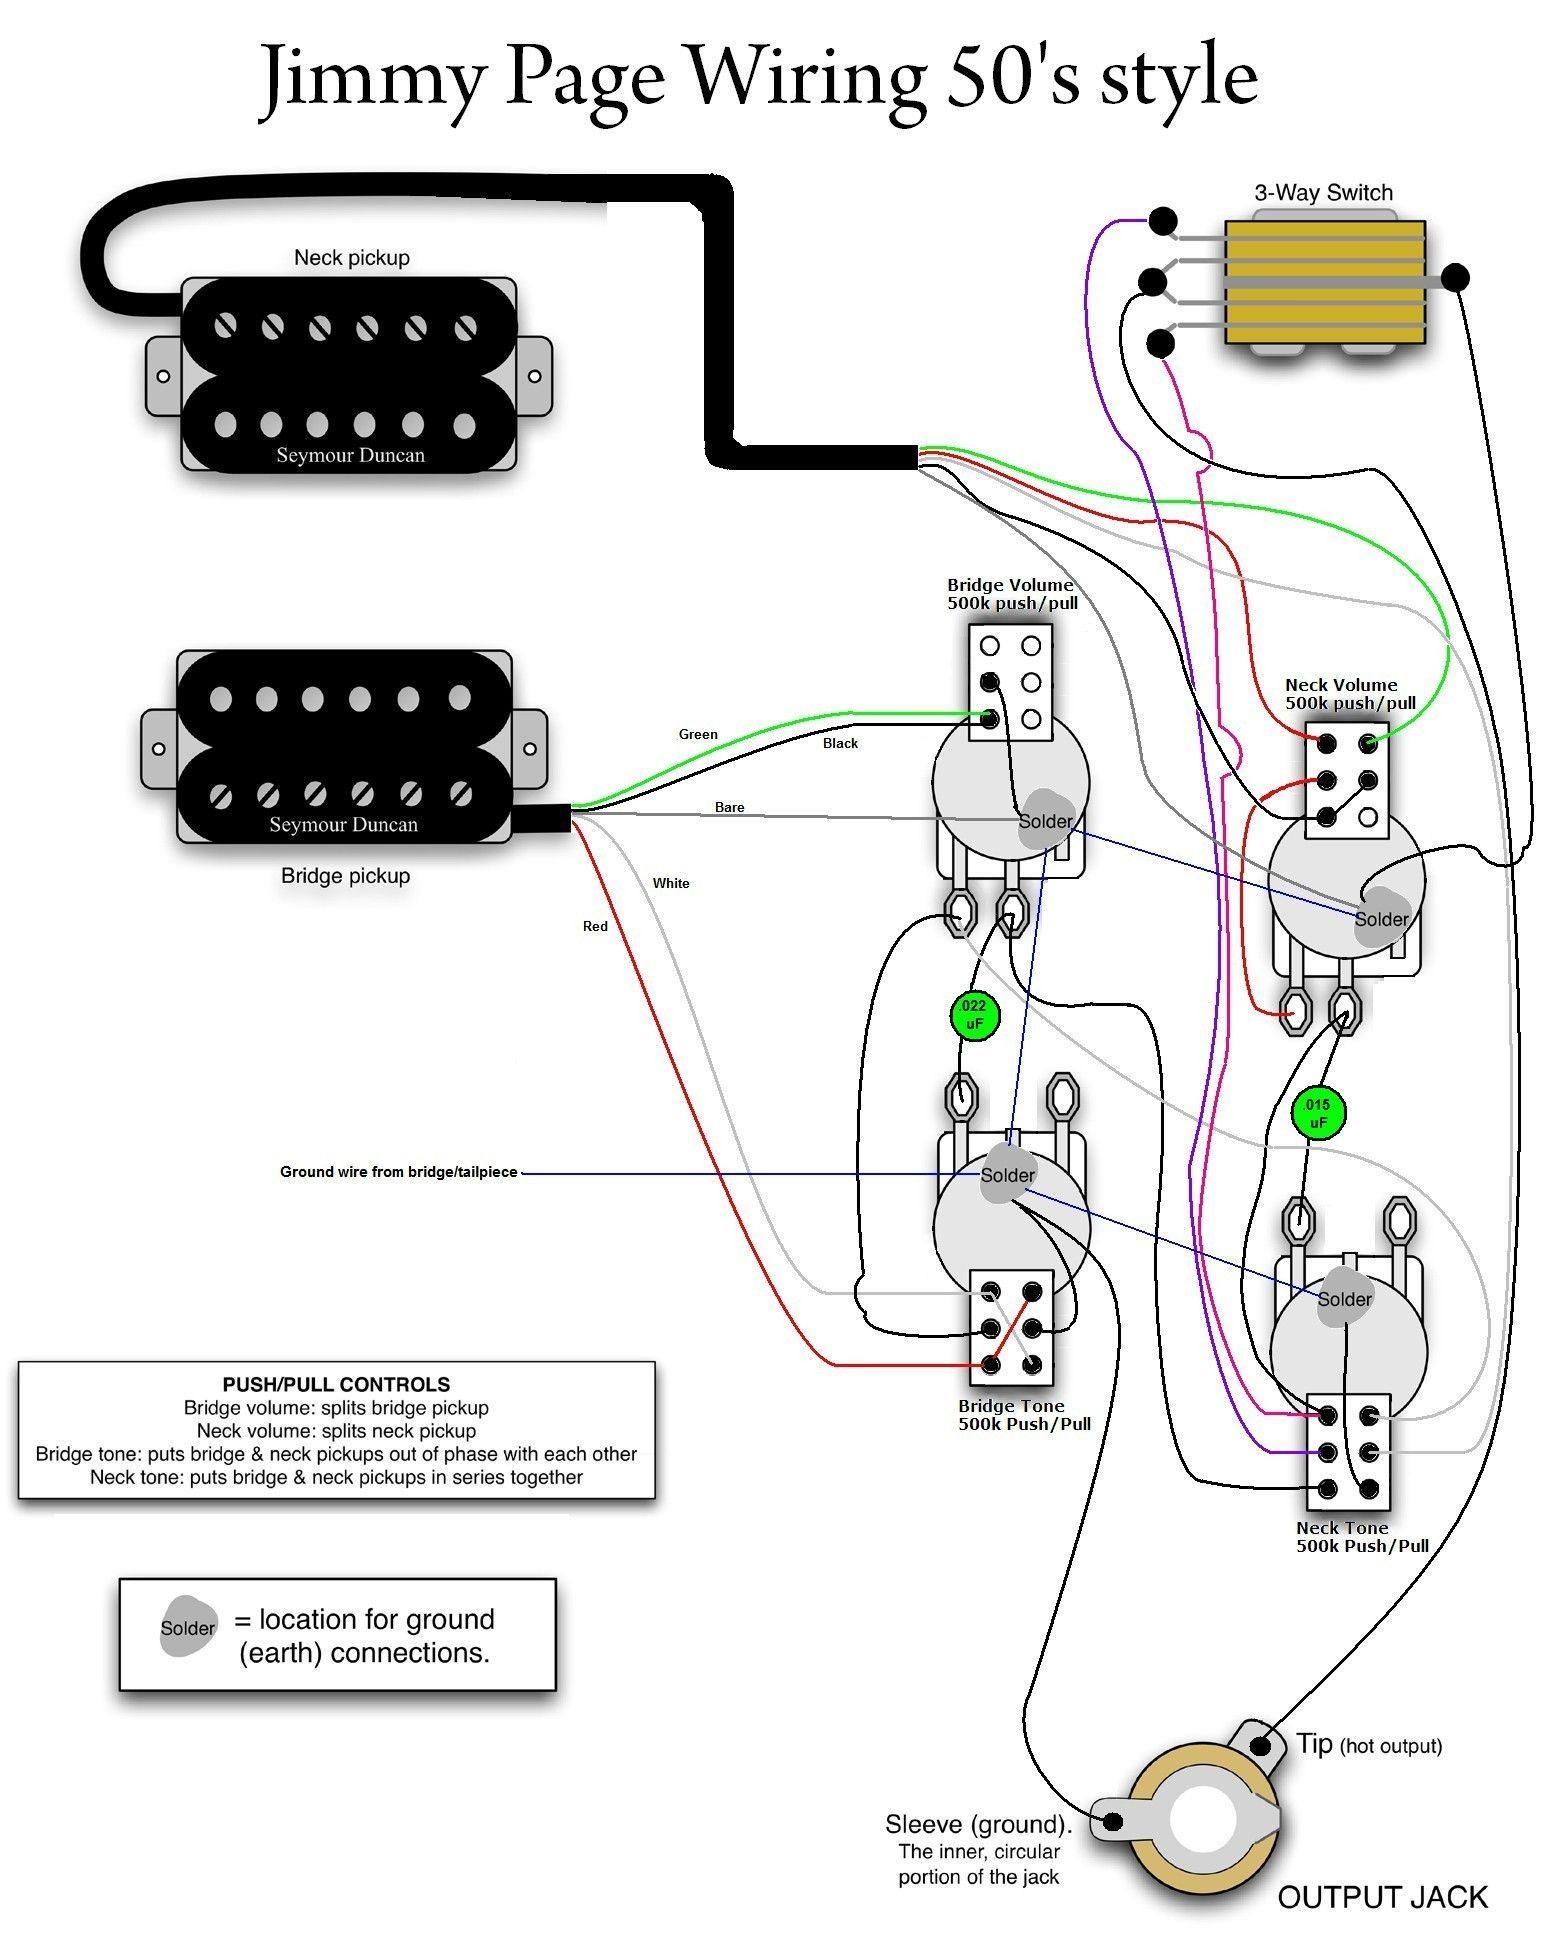 Unique Wiring Diagram For Epiphone Les Paul Special Diagram Diagramsample Diagramtemplate Wiringdiagram Diag Guitar Pickups Luthier Guitar Guitar Building